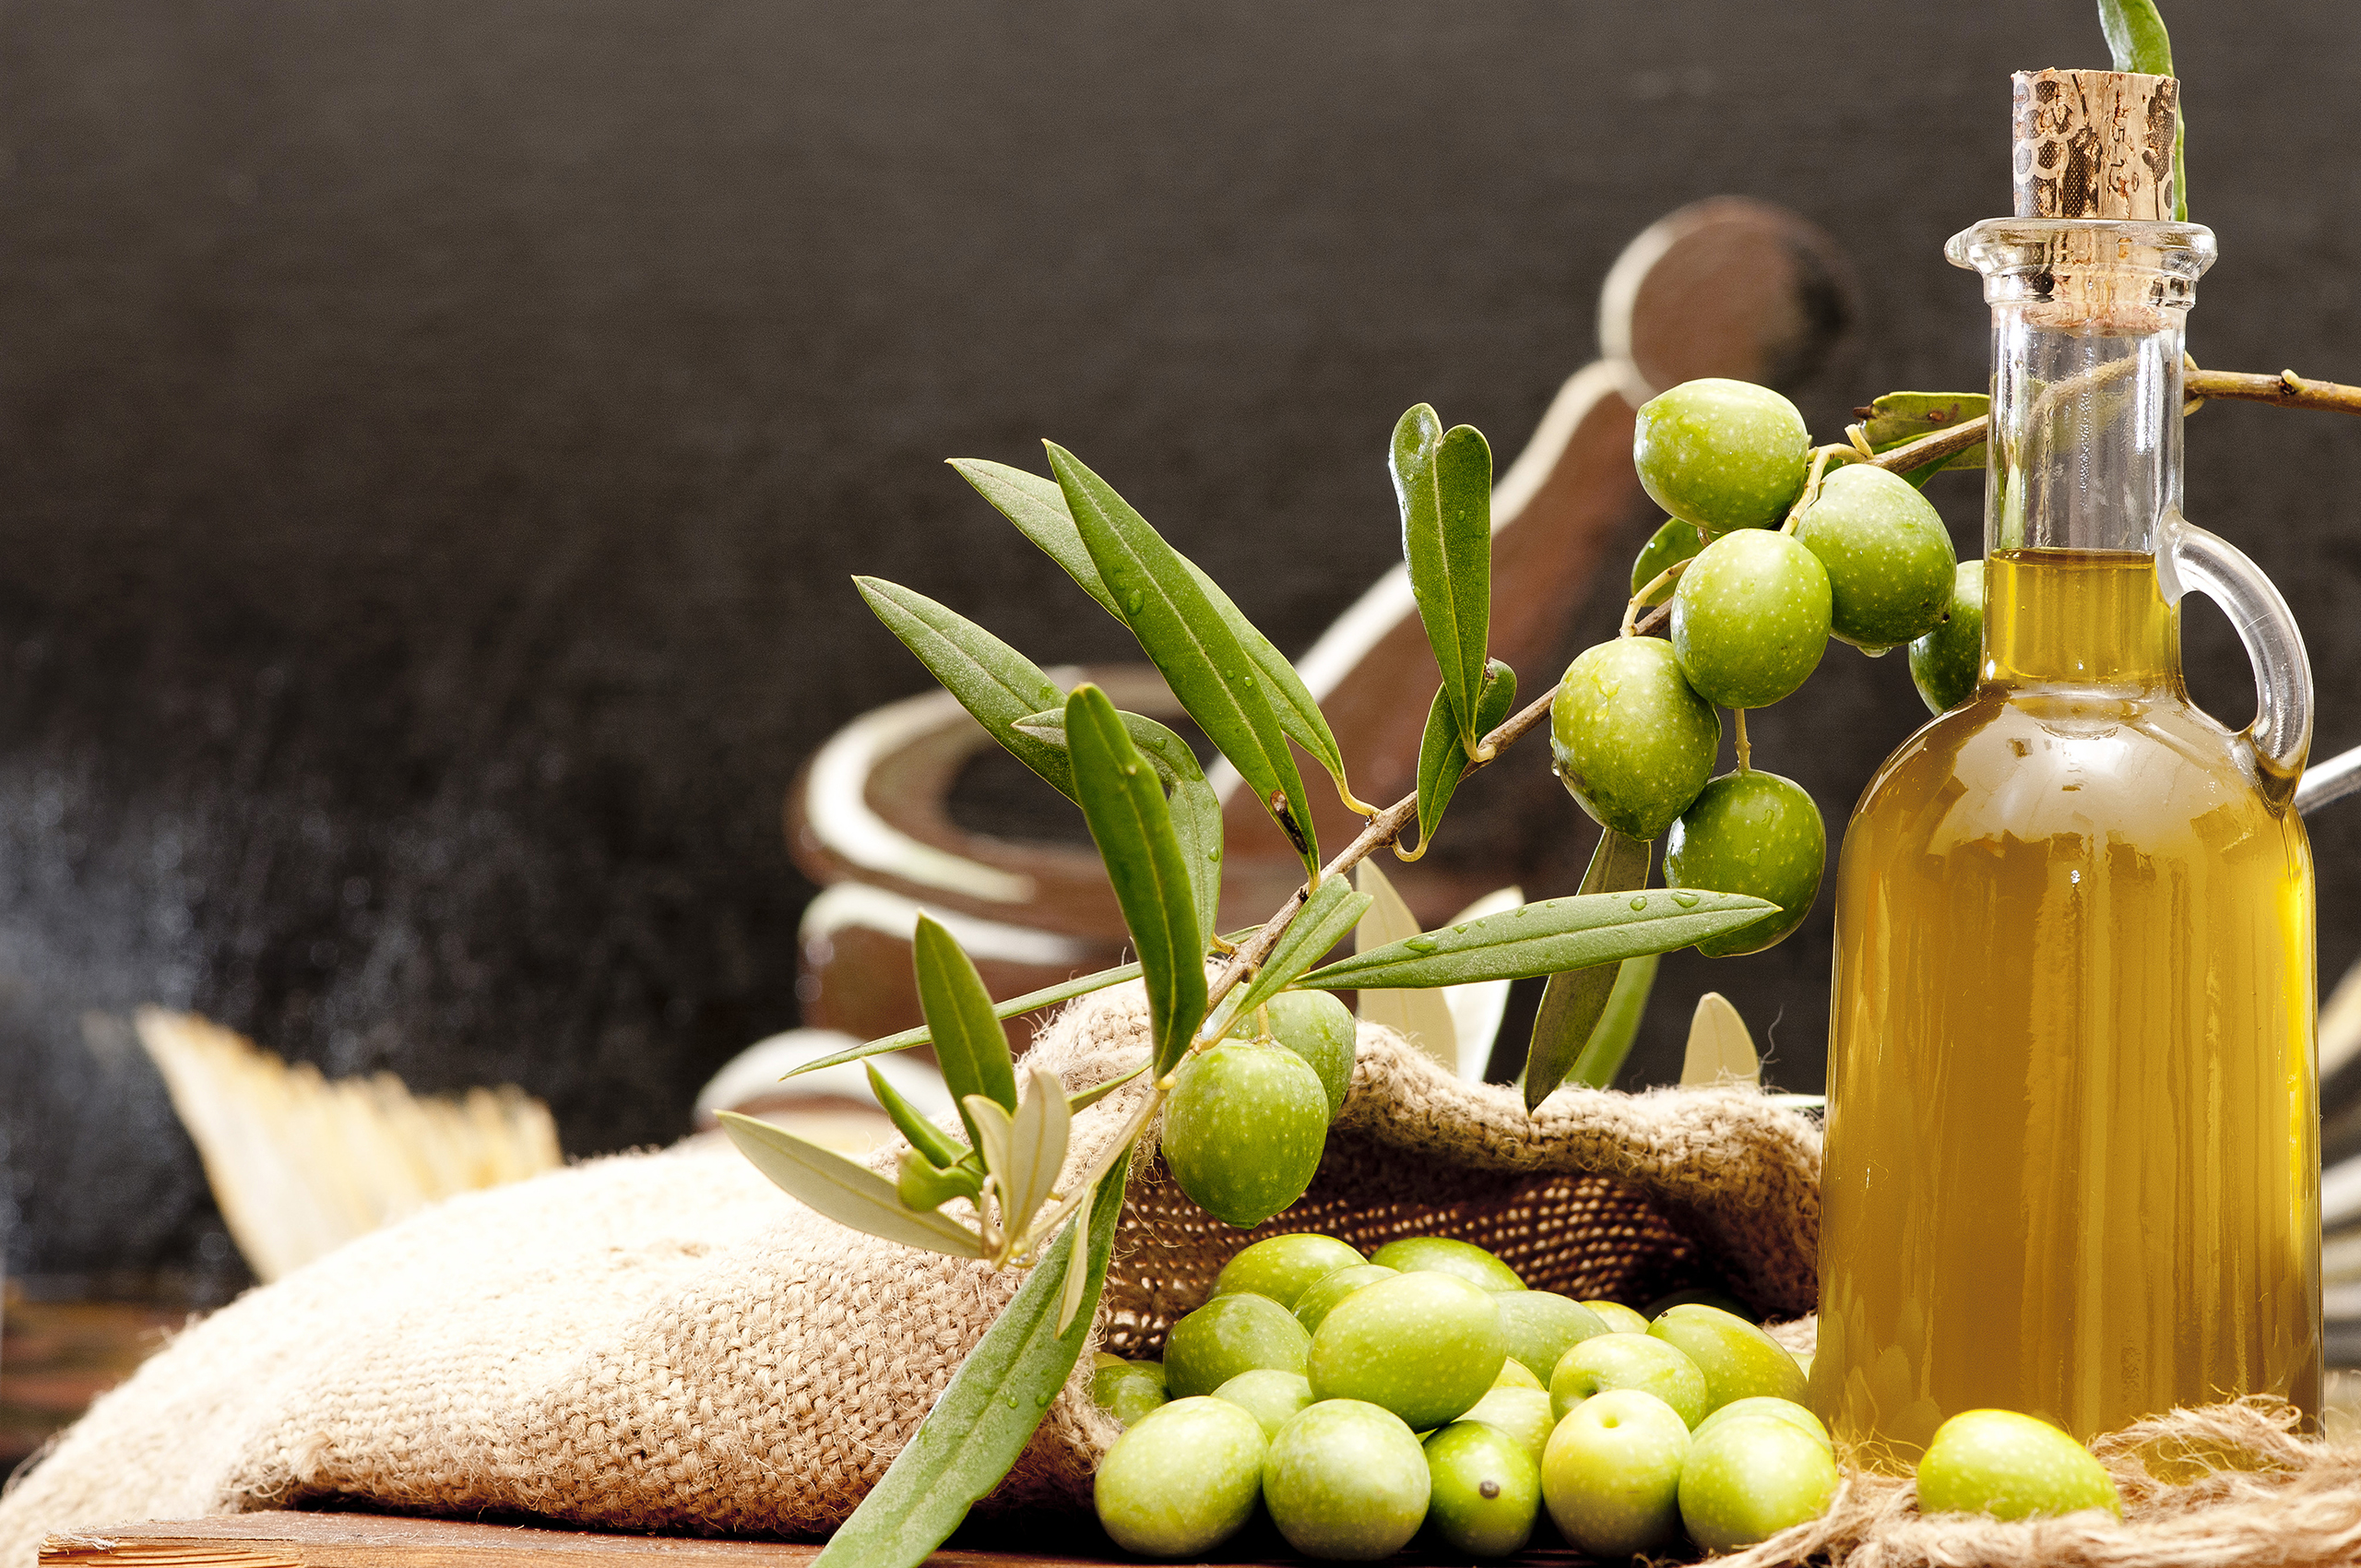 Olio di oliva articolo immagine 1